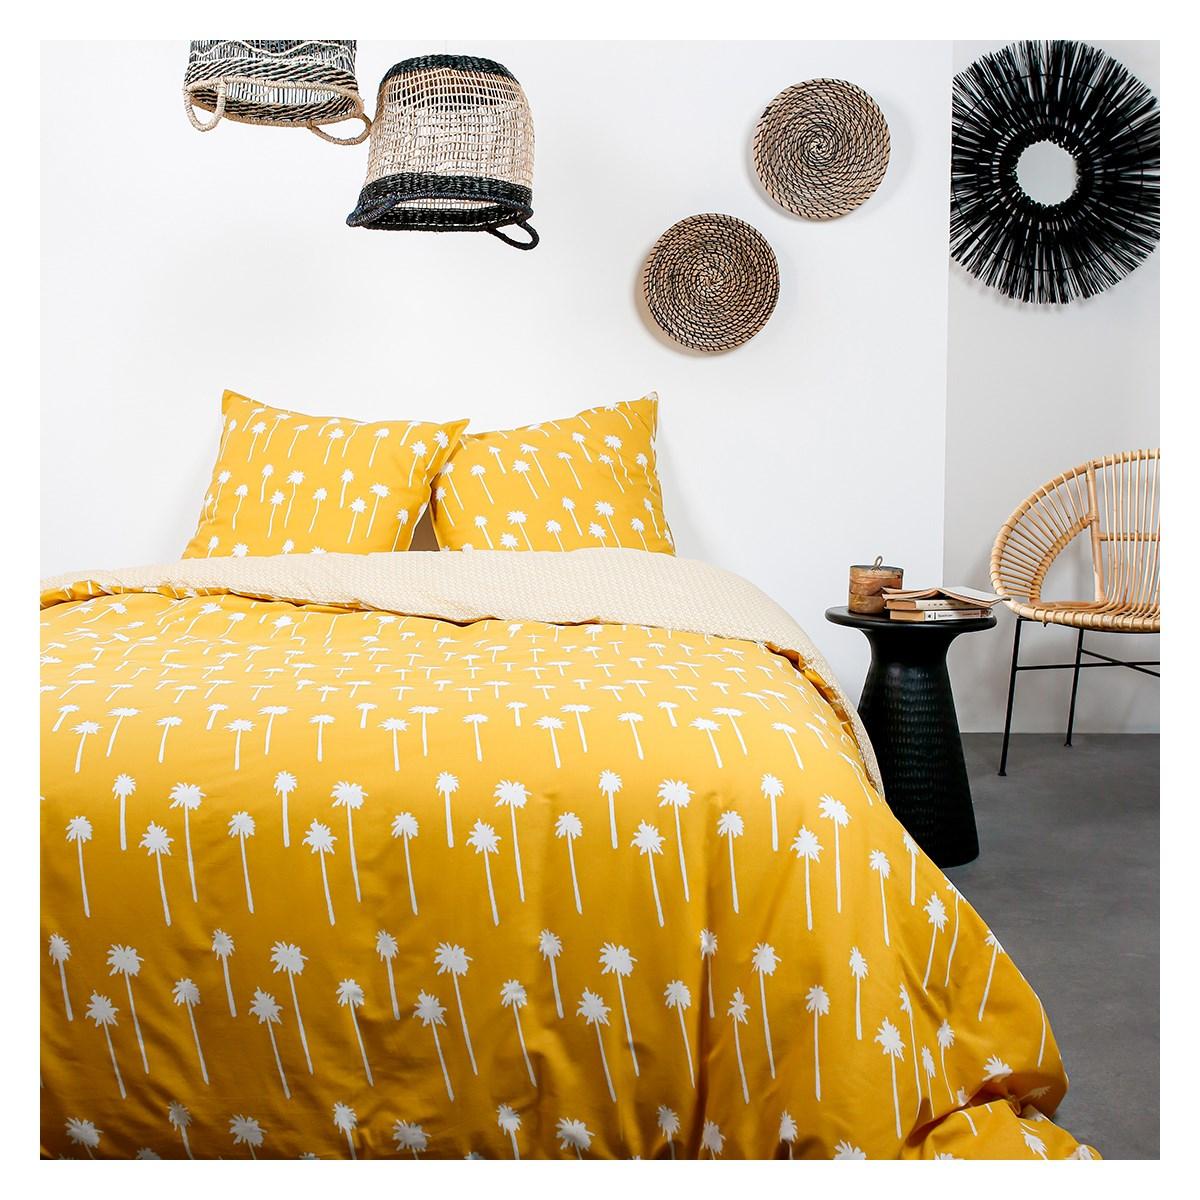 Parure de lit 2 personnes en Coton Multicolore 240x260 cm